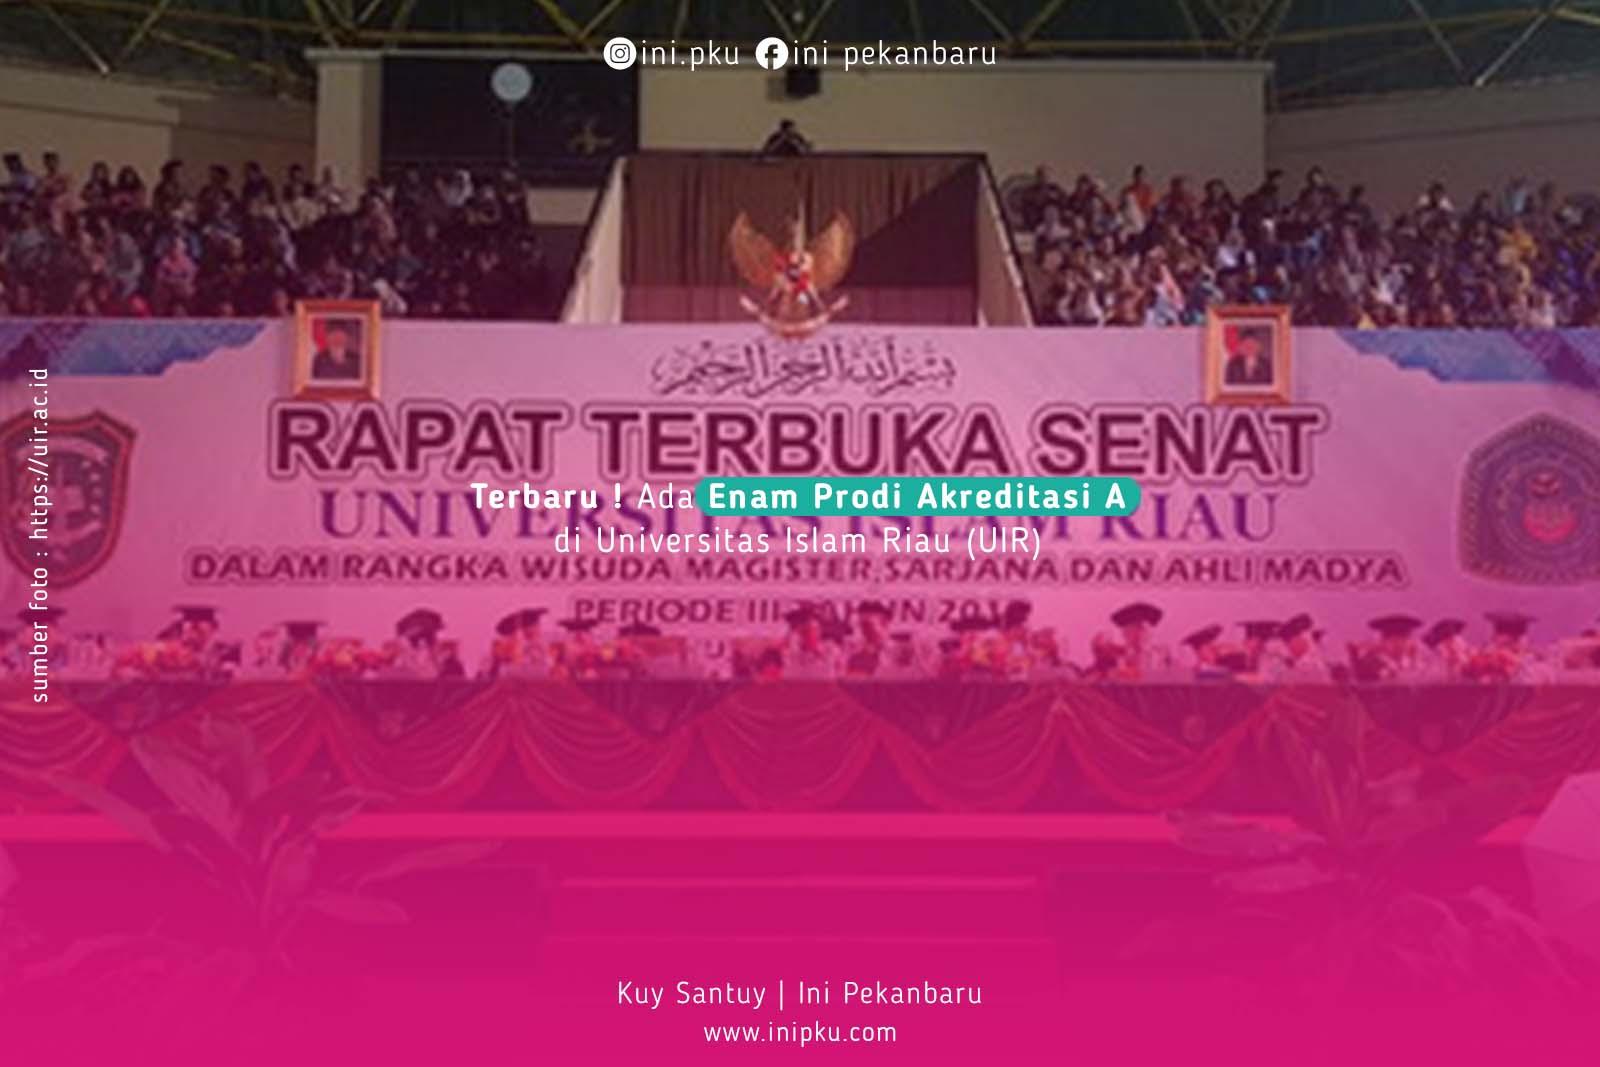 Terbaru ! Ada Enam Prodi Akreditasi A di Universitas Islam Riau (UIR)